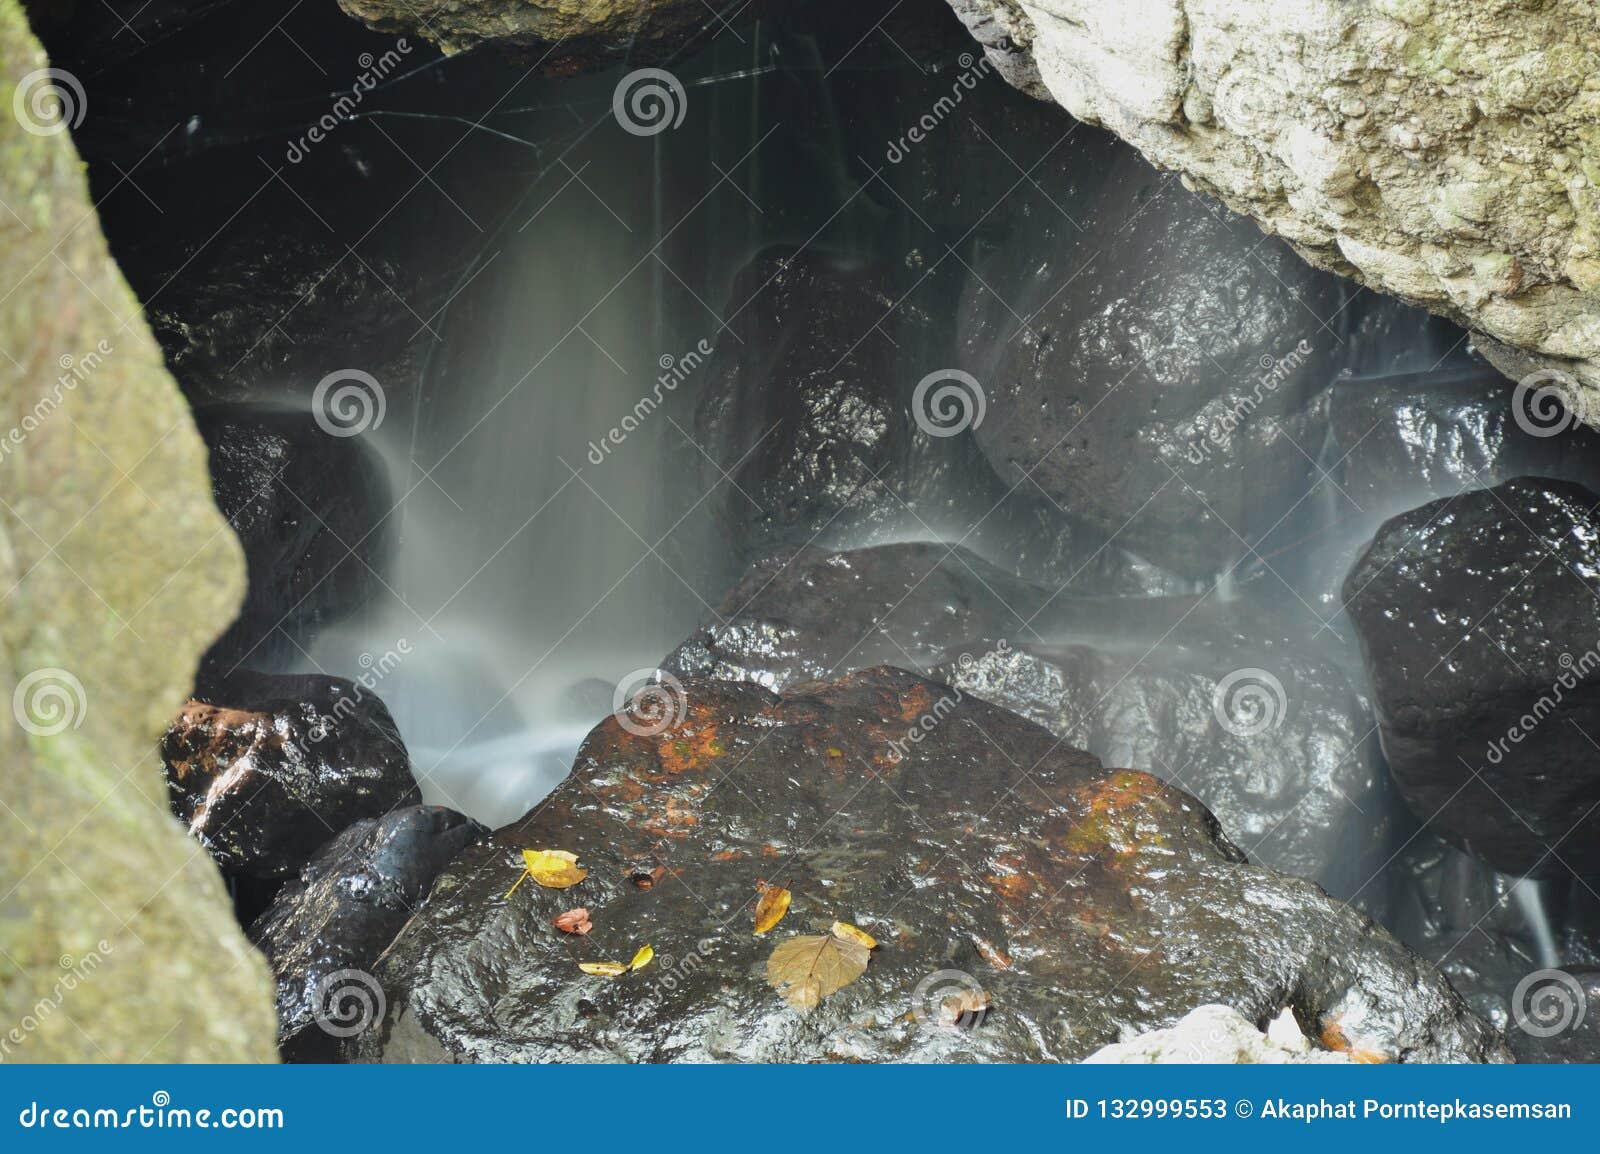 Wasserfall in der Höhle hinter Felsen im Wald